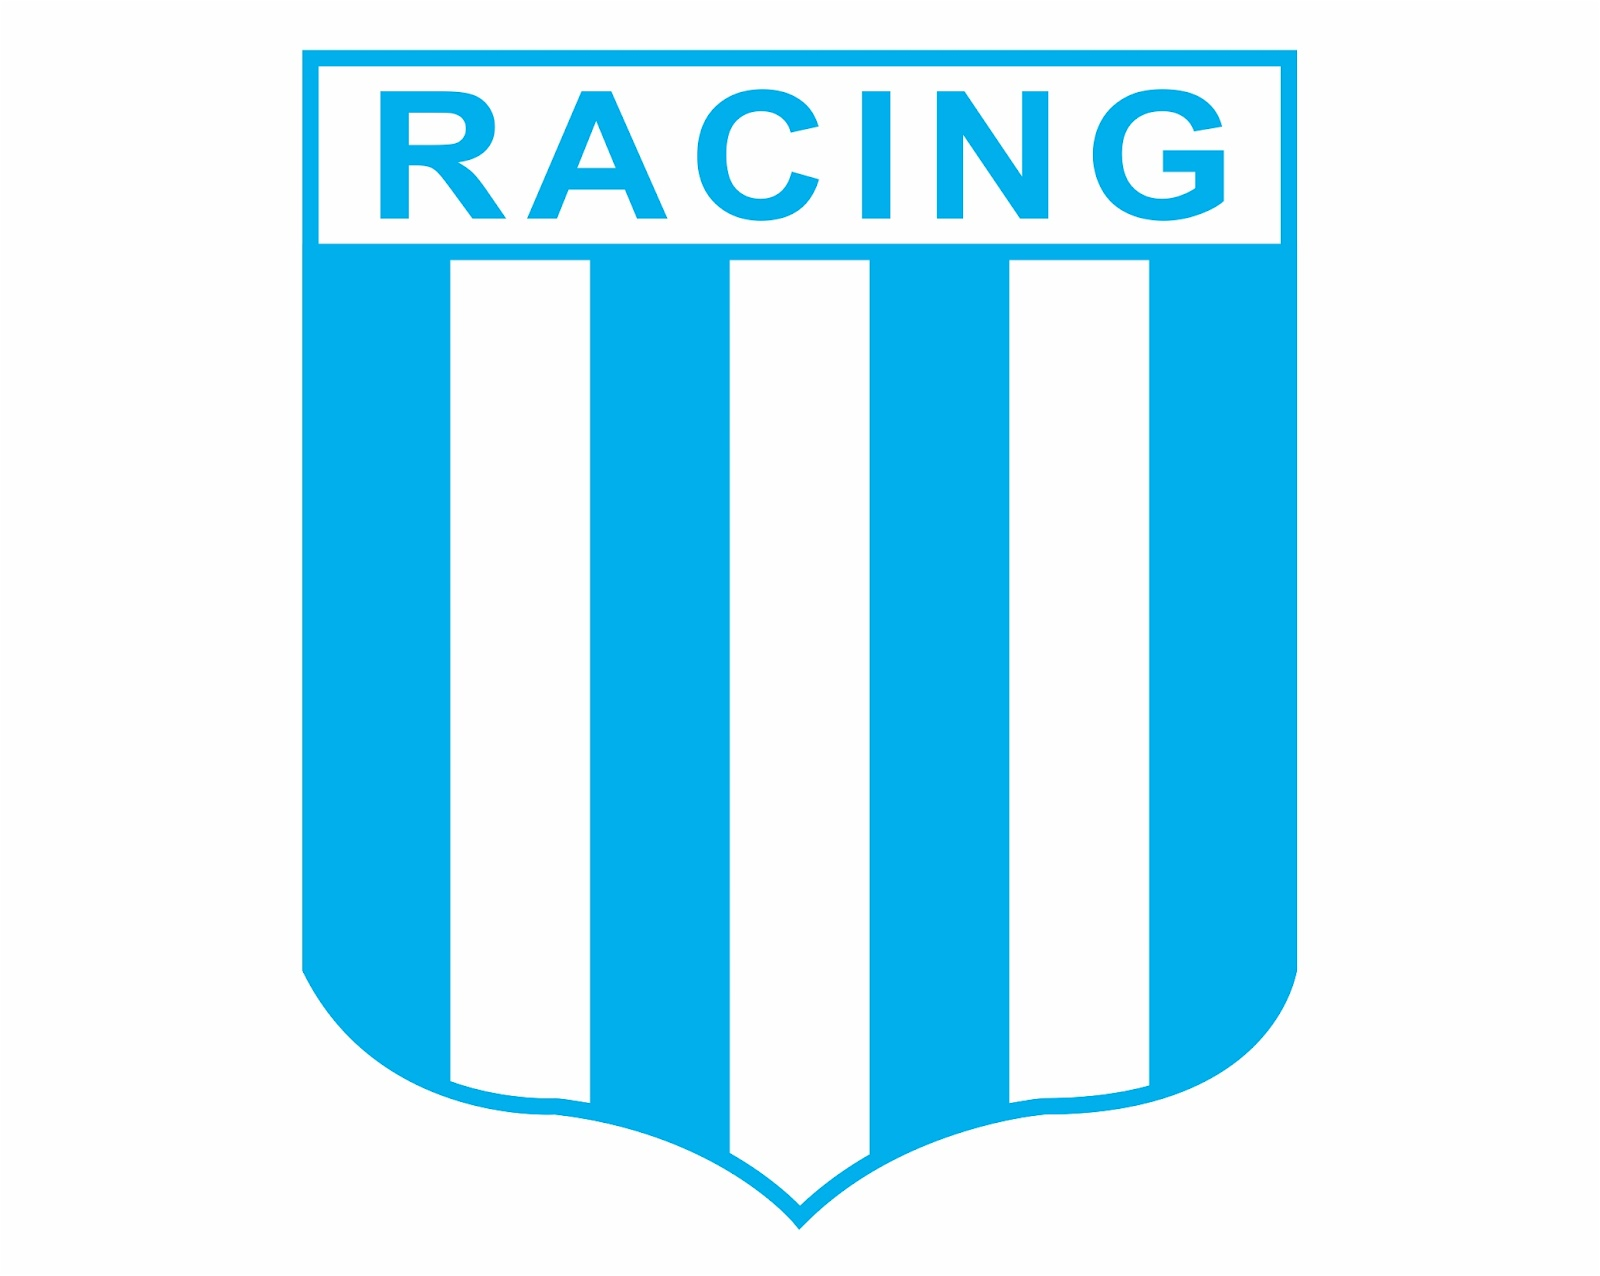 Imagenes De Escudos De Equipos De Futbol Colombiano - descargar imagen del escudo de la seleccion colombiana